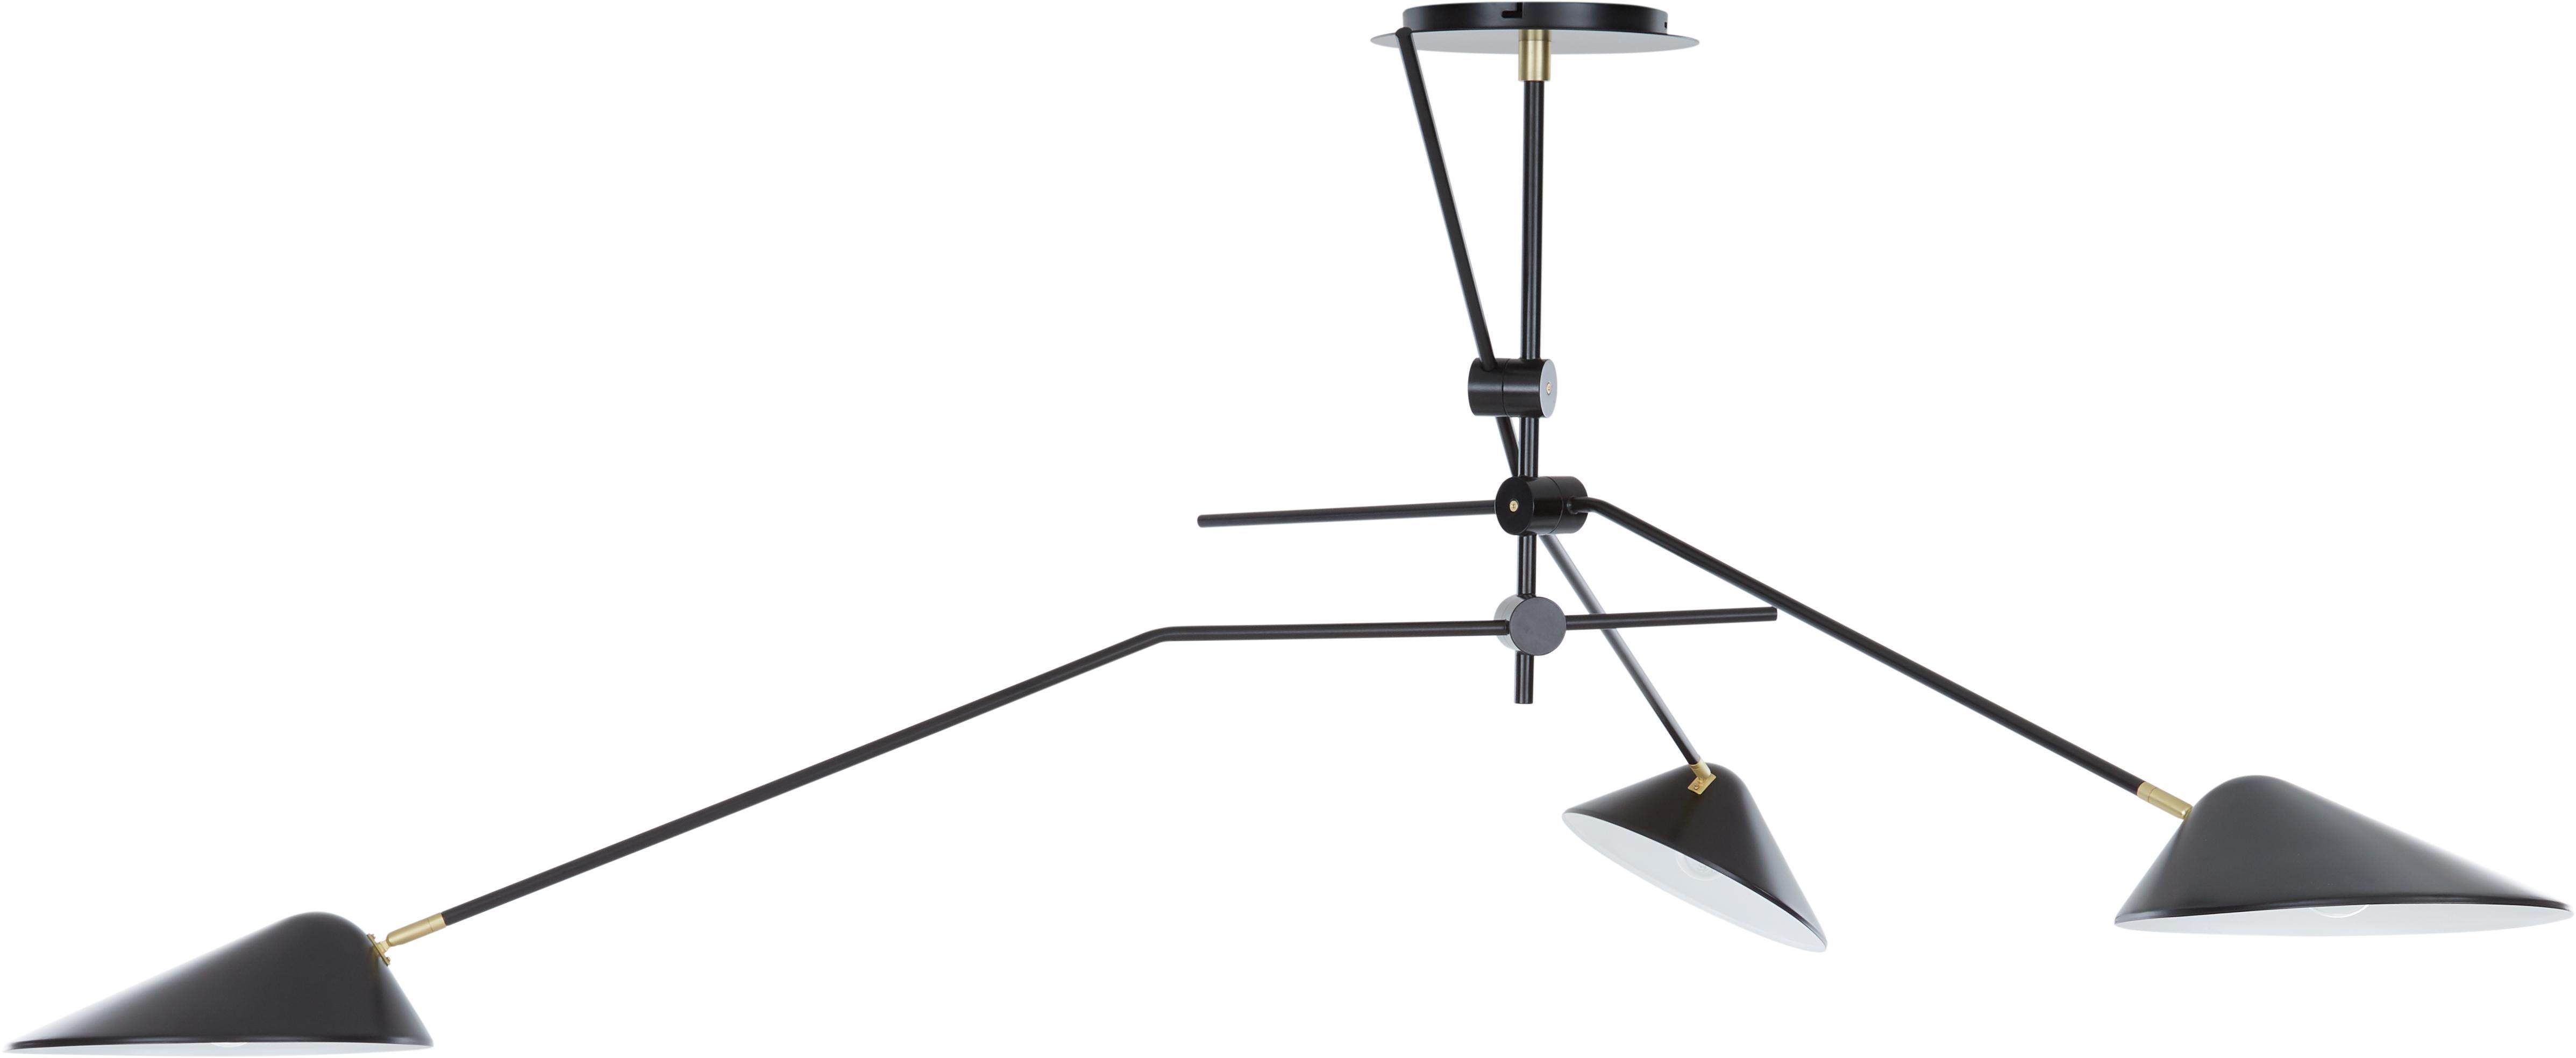 Duża lampa sufitowa Neron, Czarny, S 173 x W 52 cm